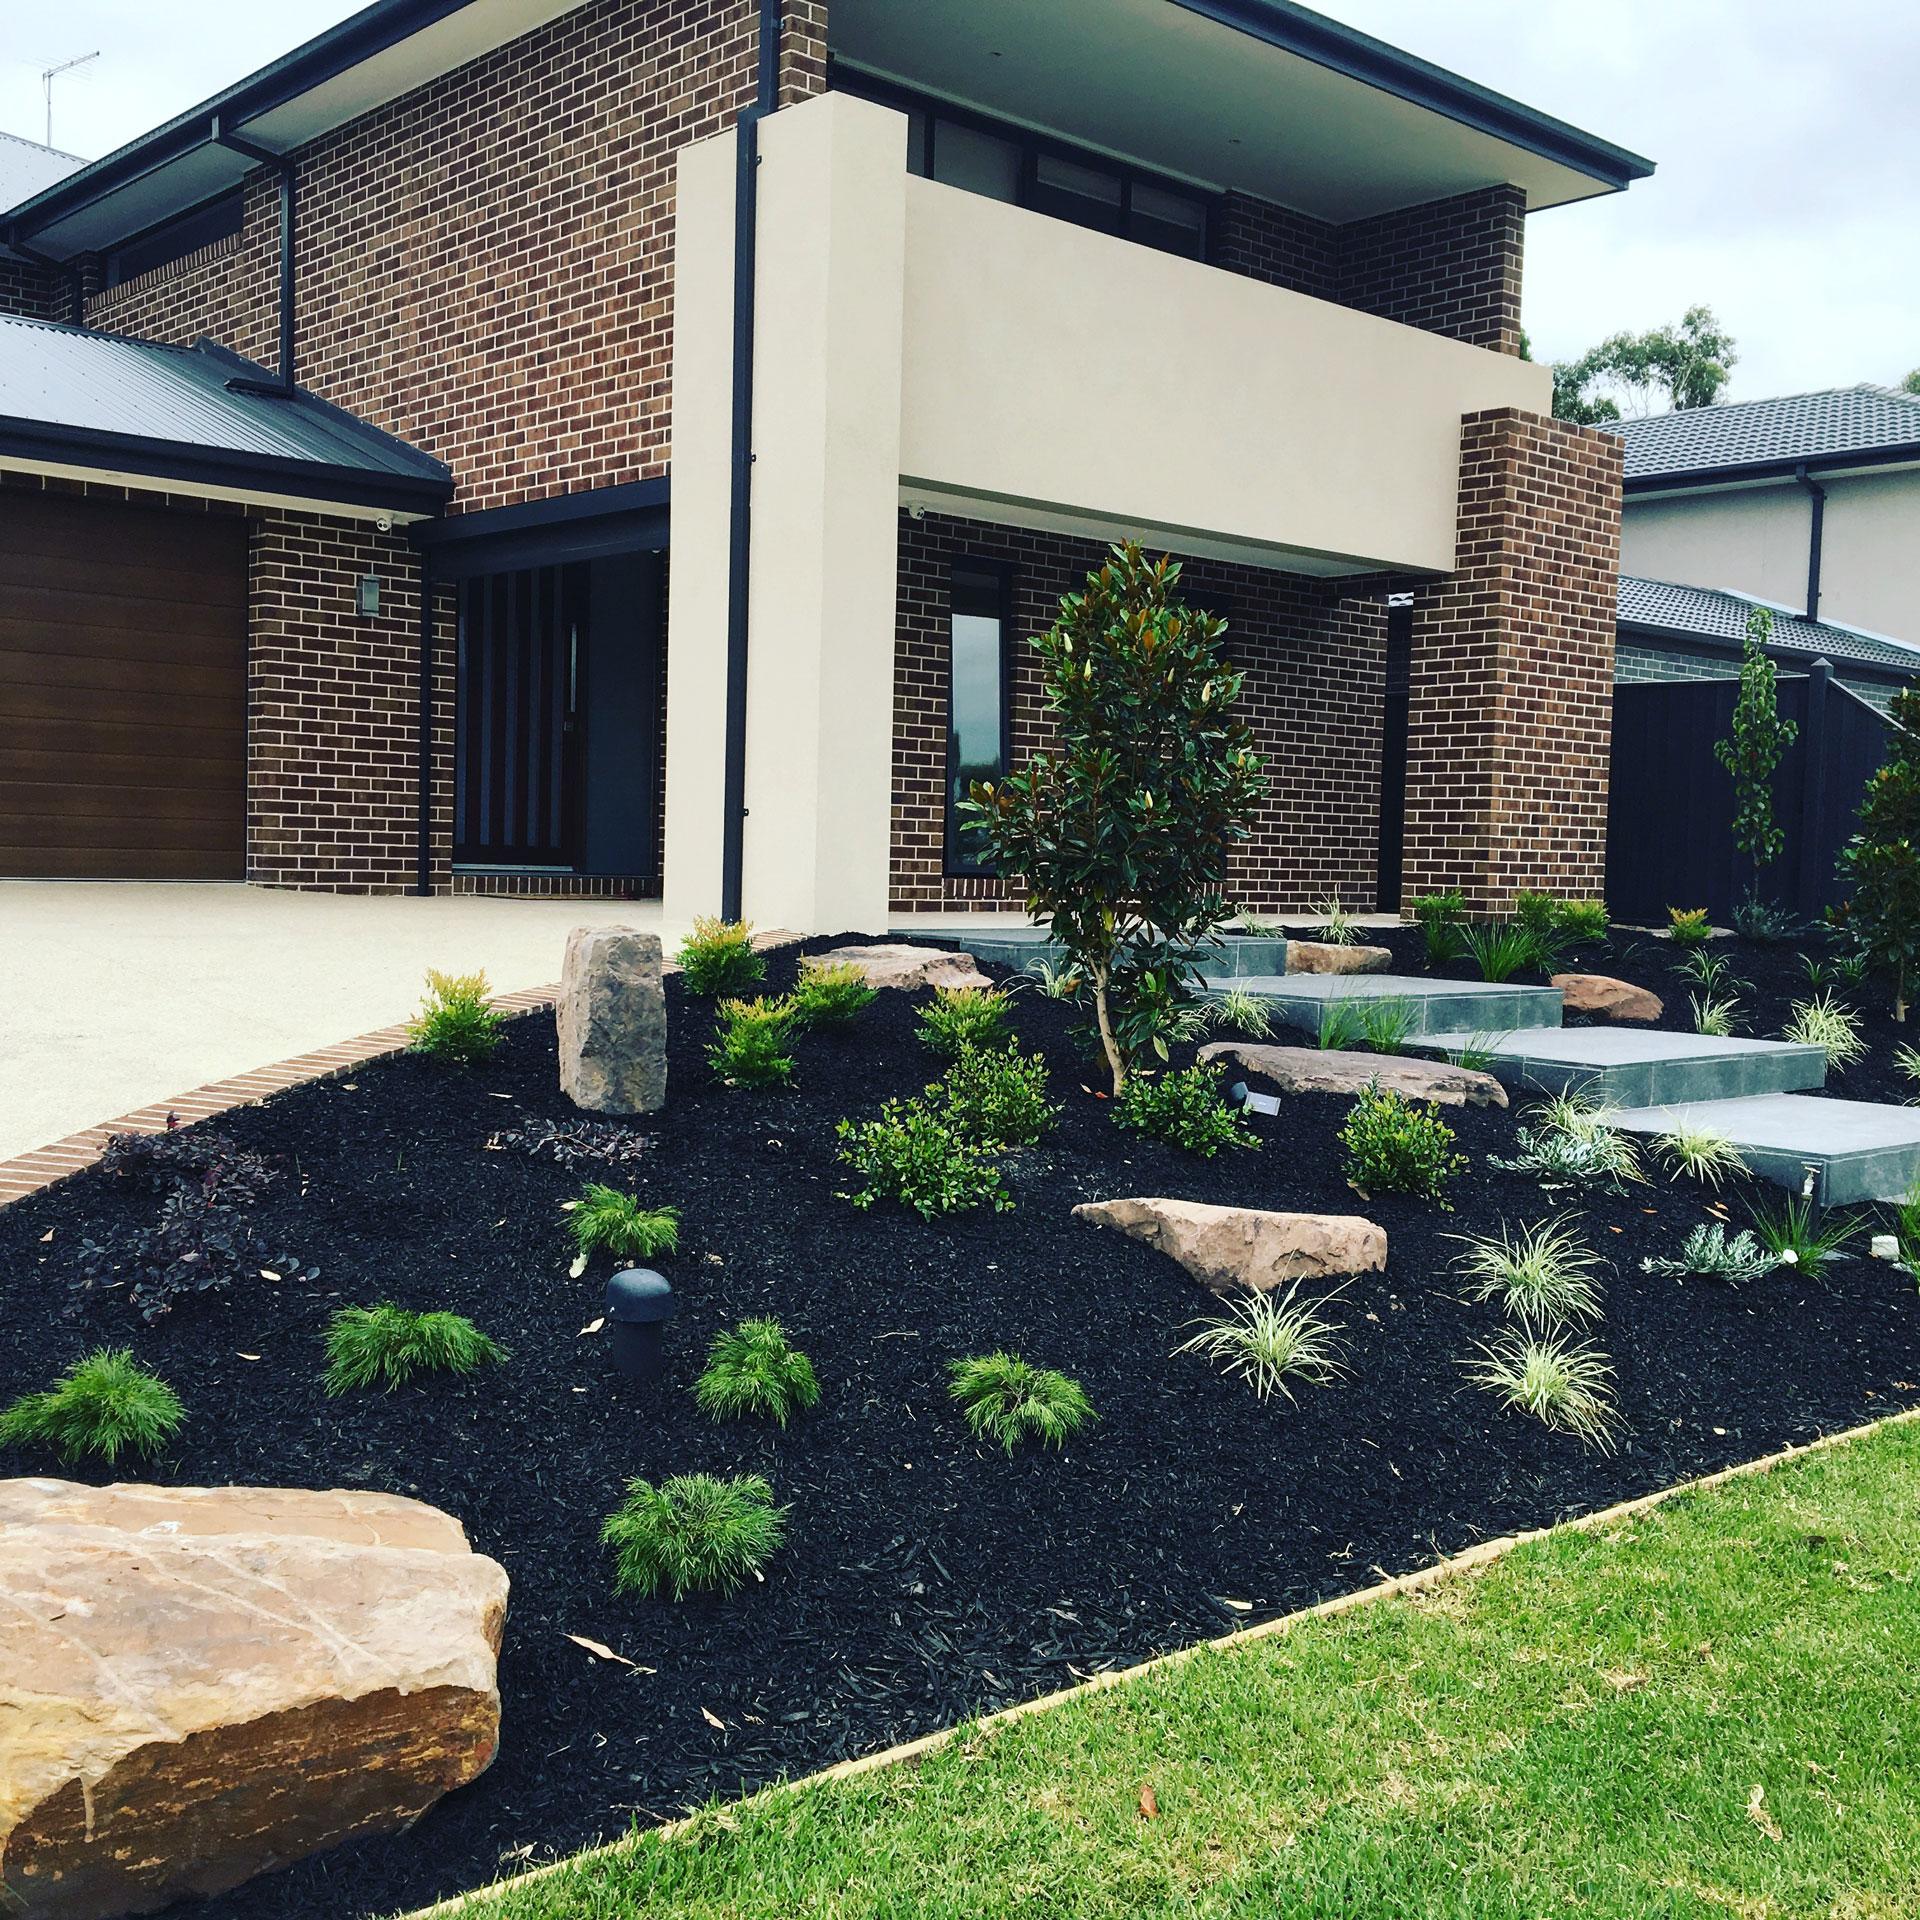 Landscape Design & Construction